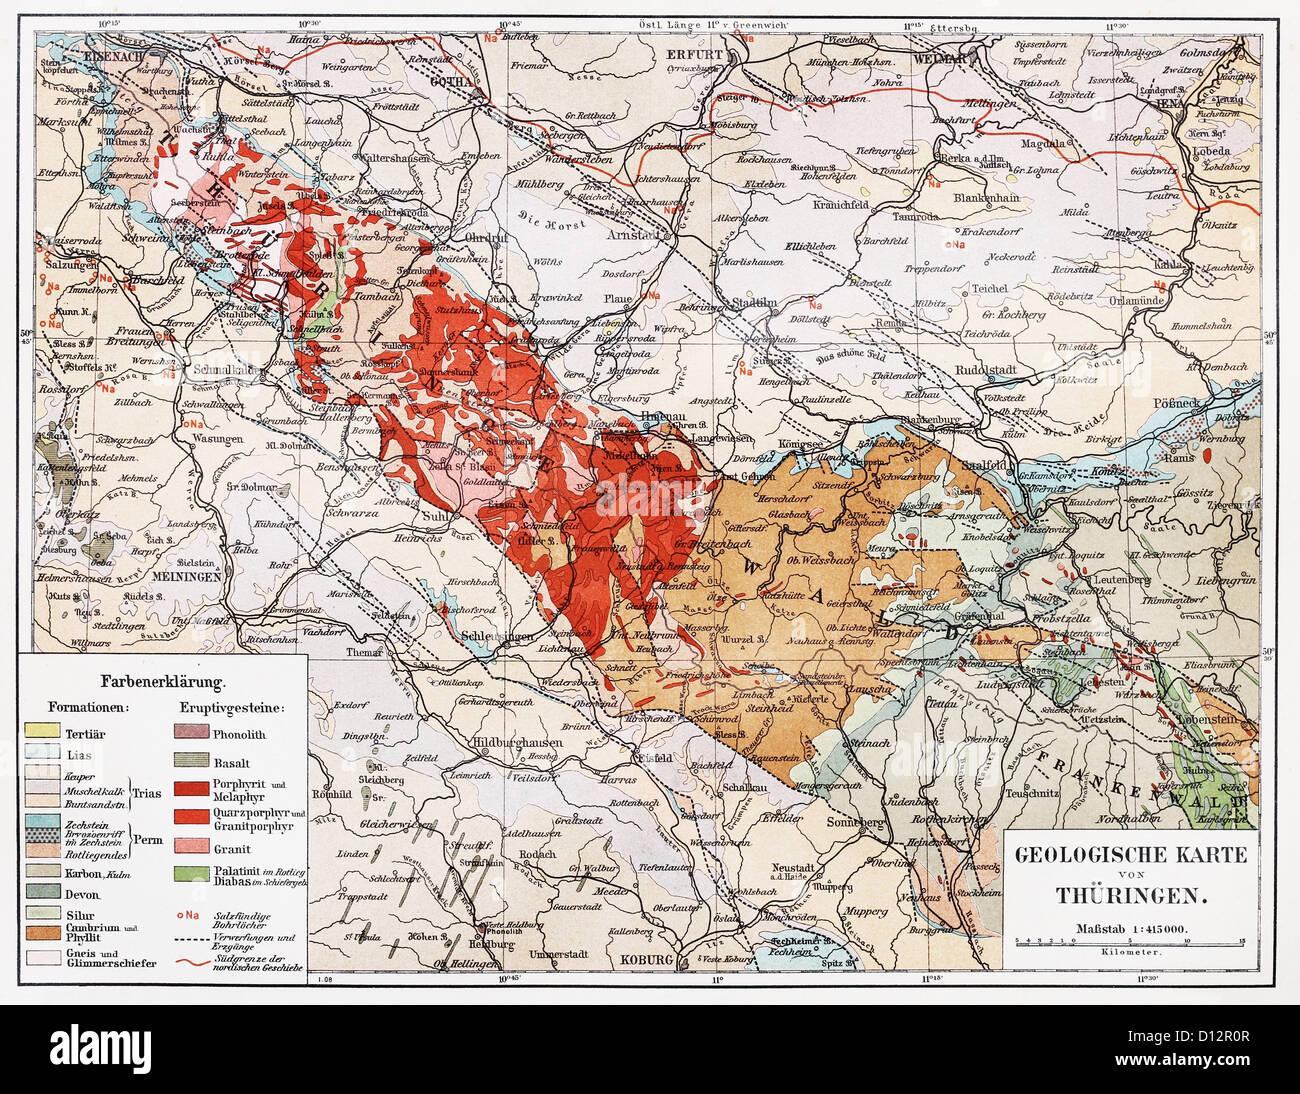 Vintage carte géologique de Thuringe à partir de la fin du 19e siècle Banque D'Images